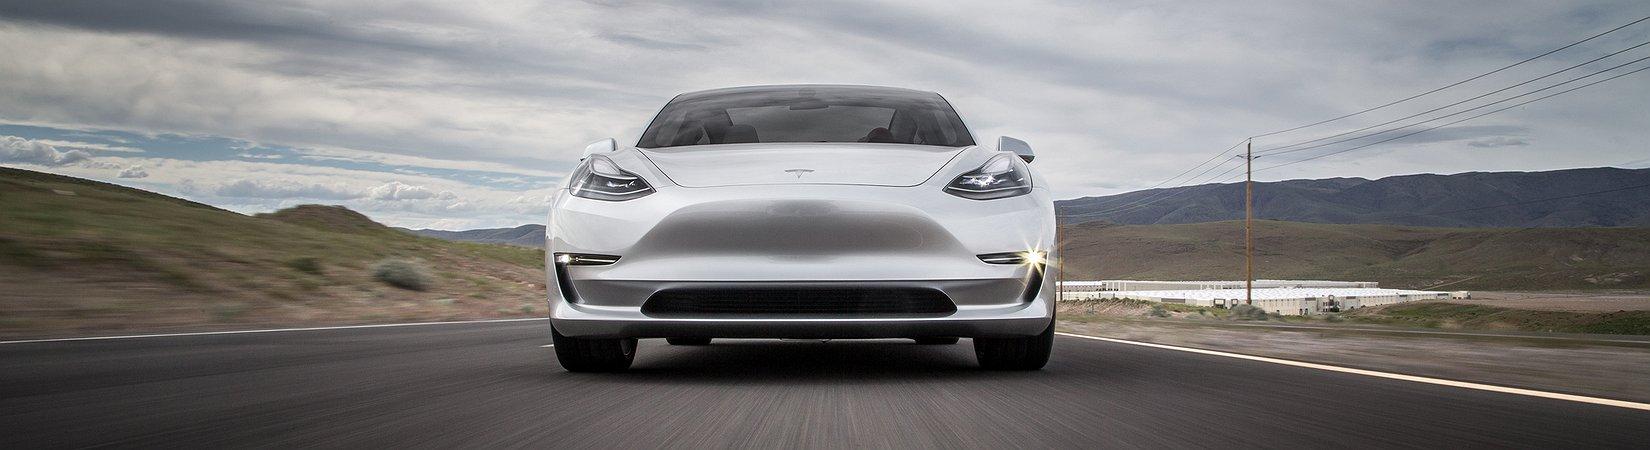 Ações da Tesla atingiram máximo histórico